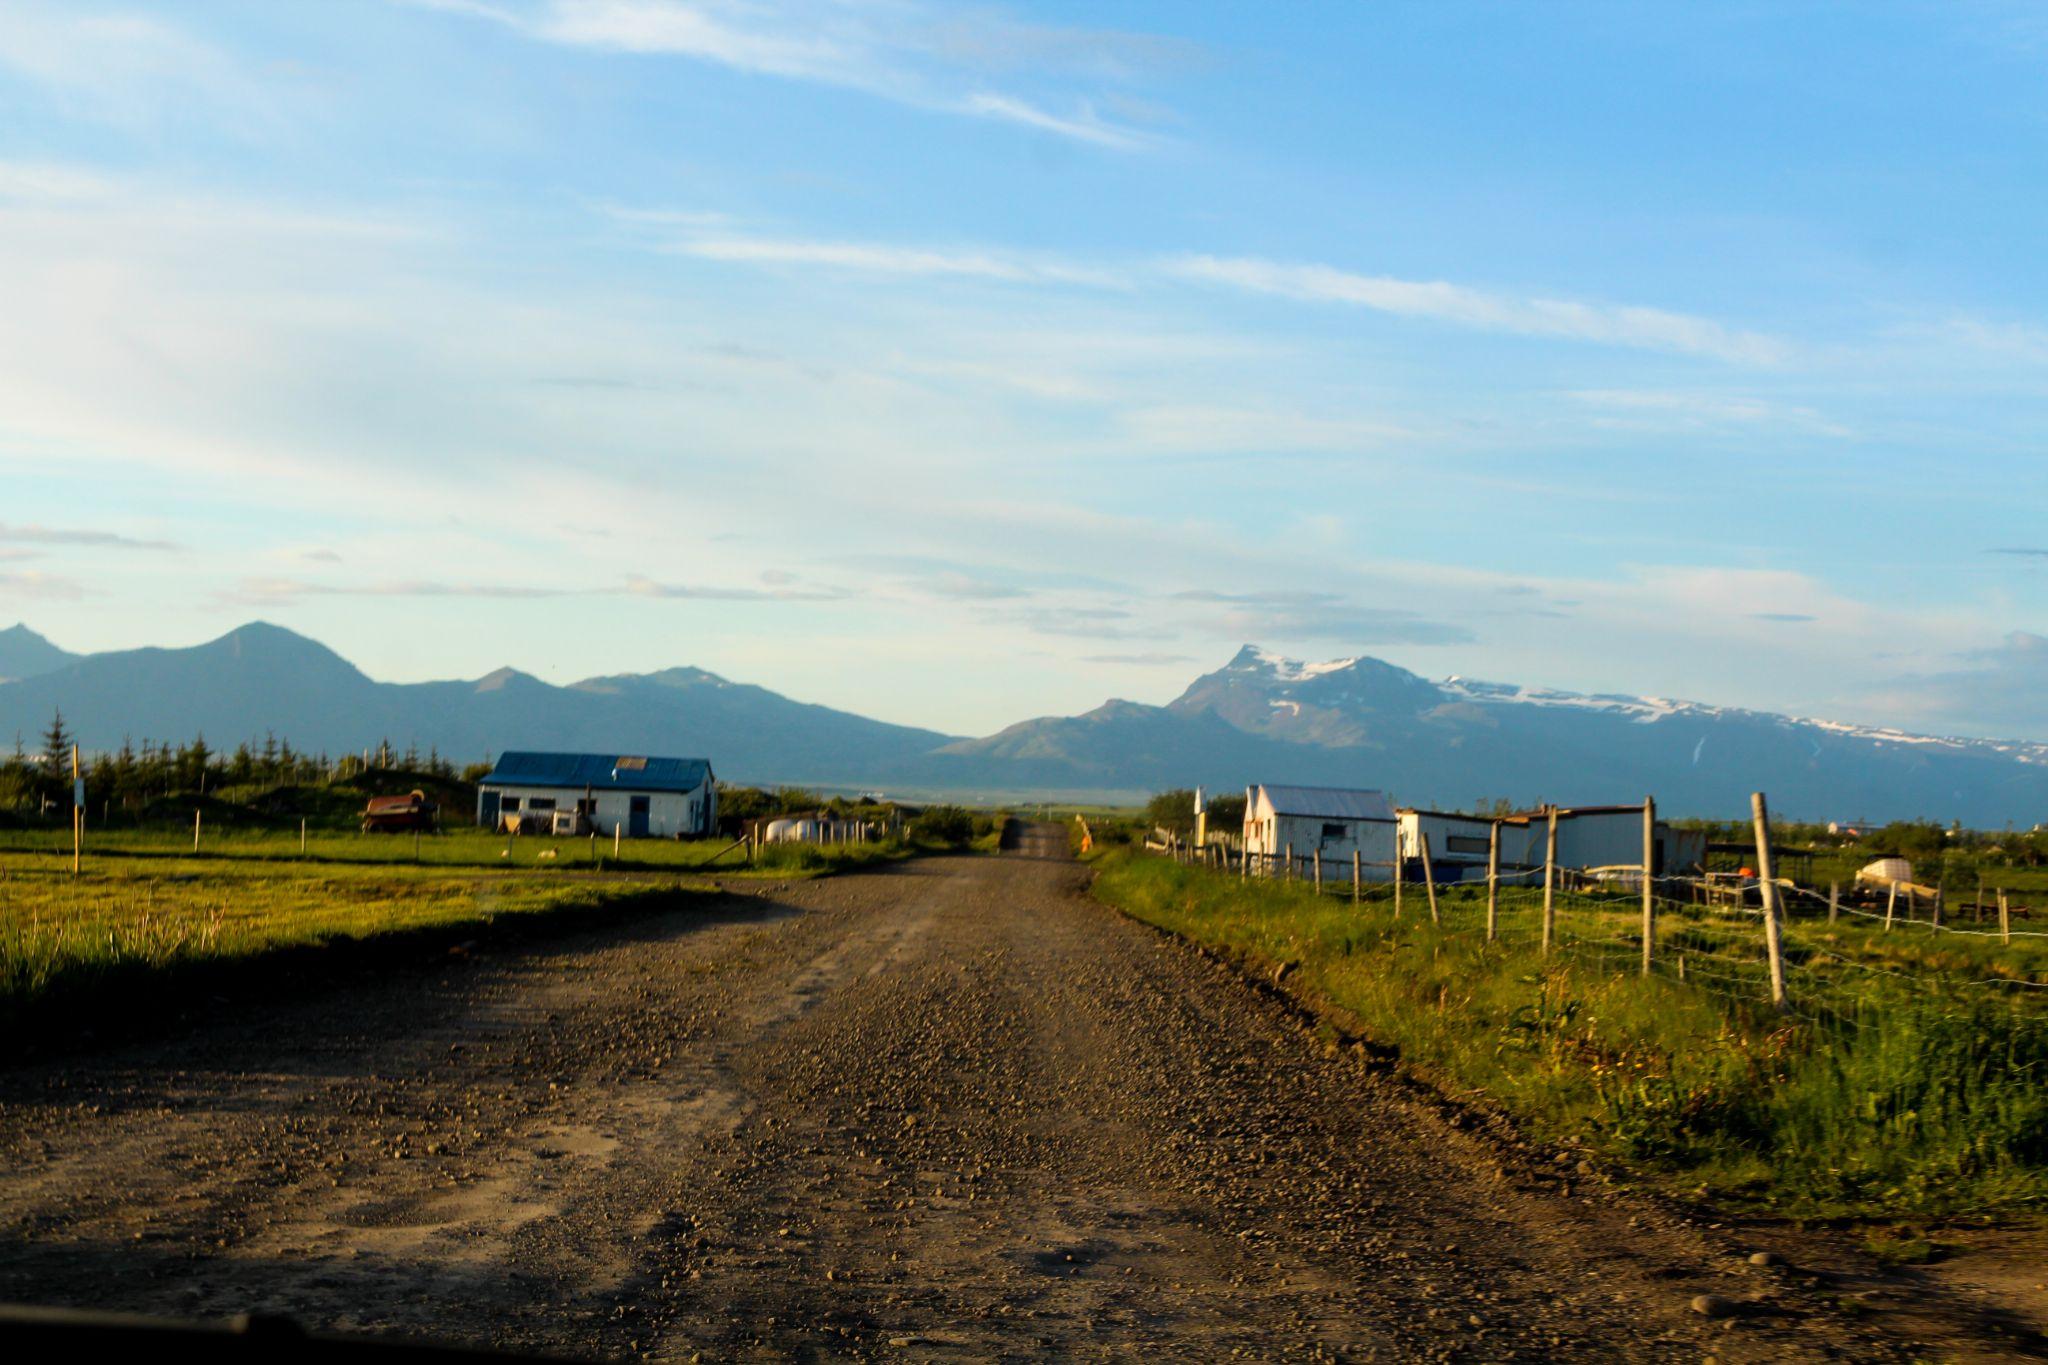 country road by Sigurdur Arni Dagbjartsson